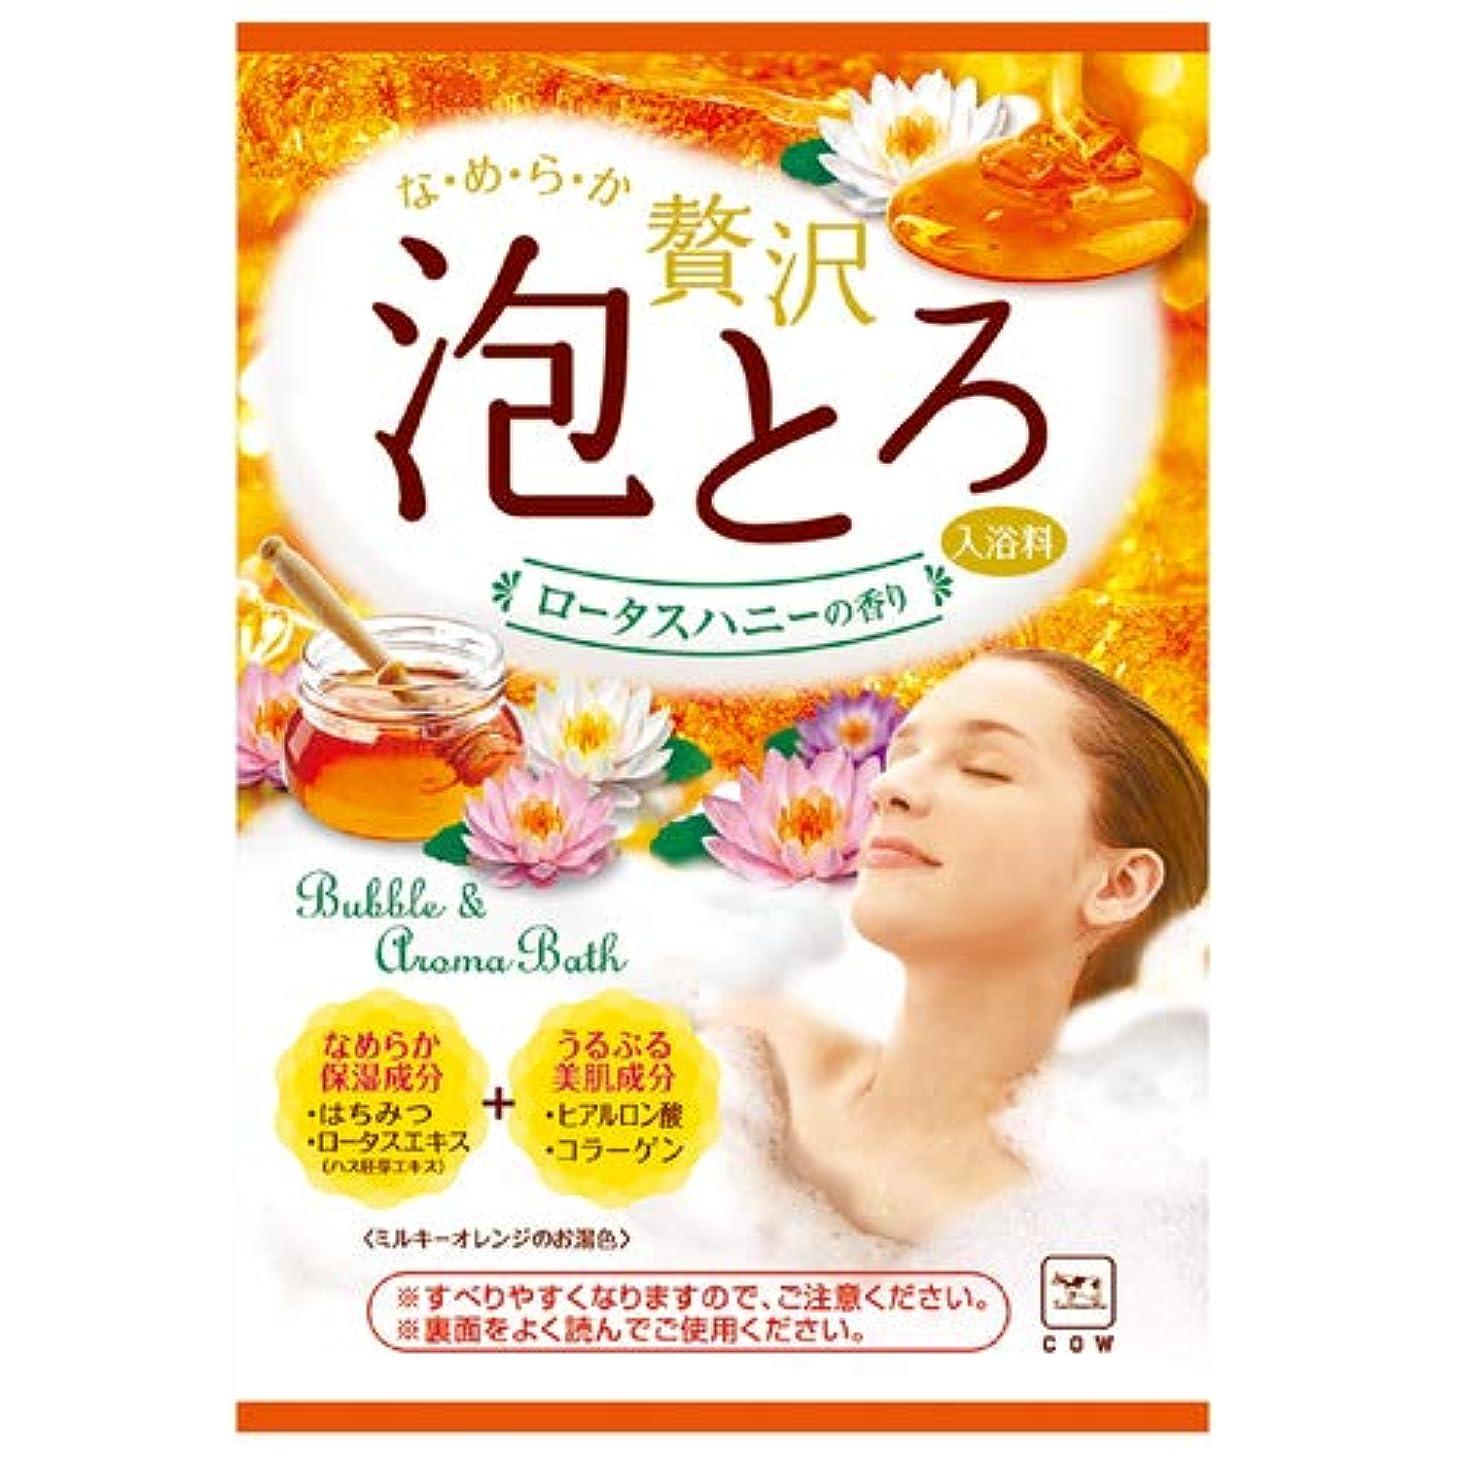 監査ボリュームアナロジーお湯物語 贅沢泡とろ入浴料 ロータスハニーの香り 30g